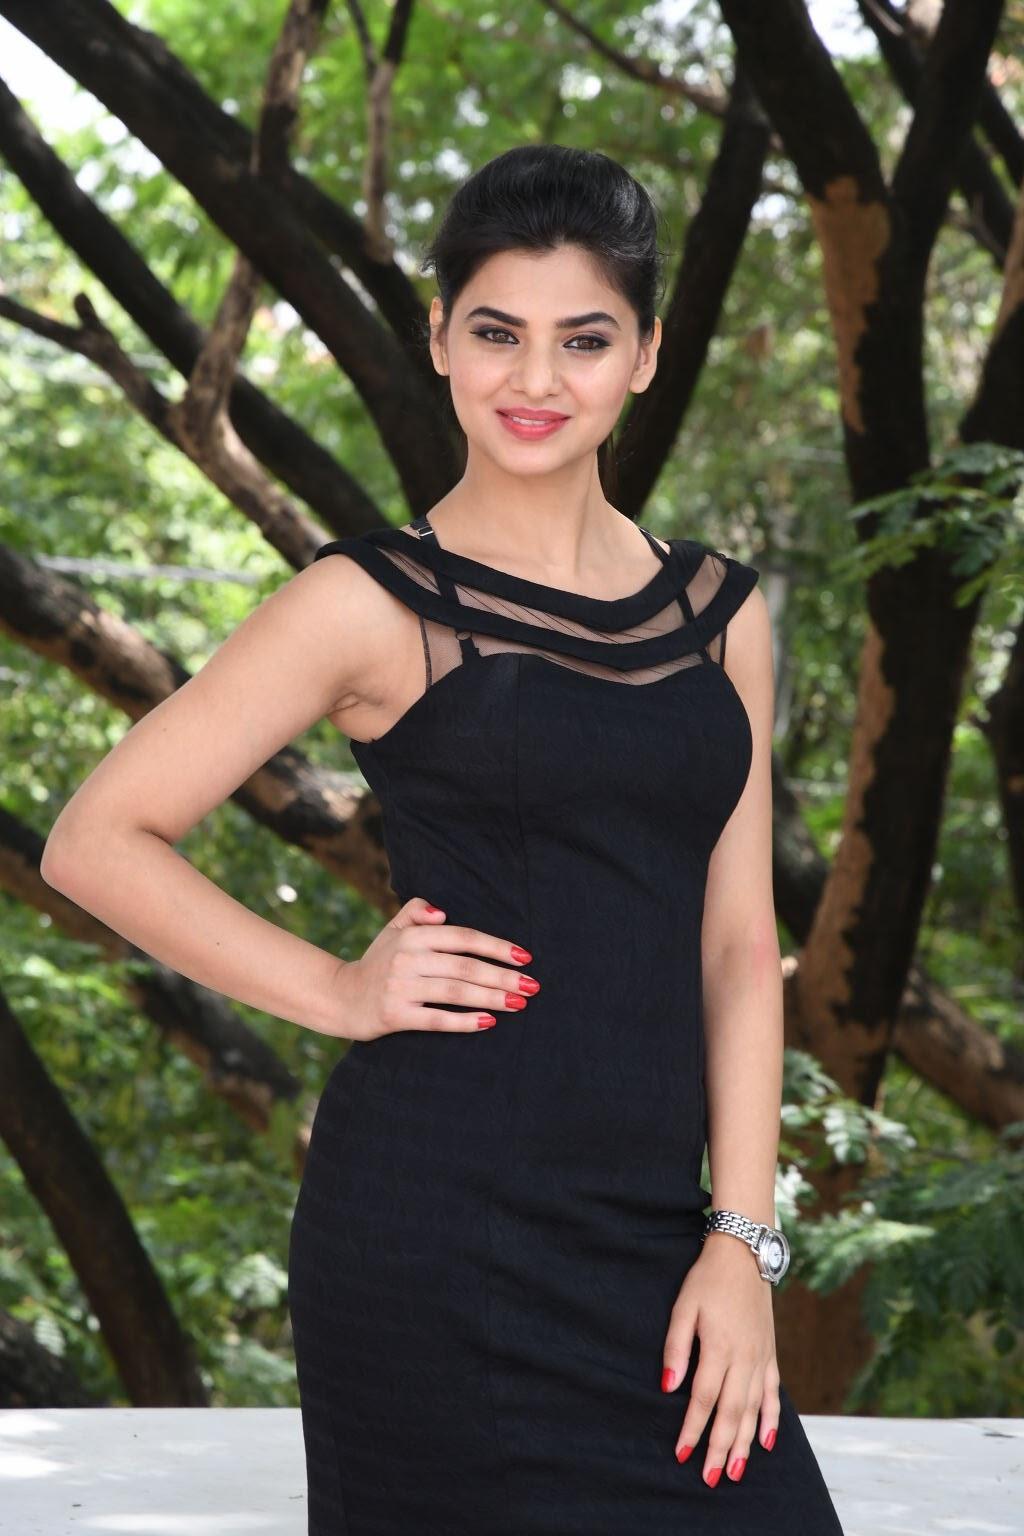 kamna ranawat new glam pics-HQ-Photo-27